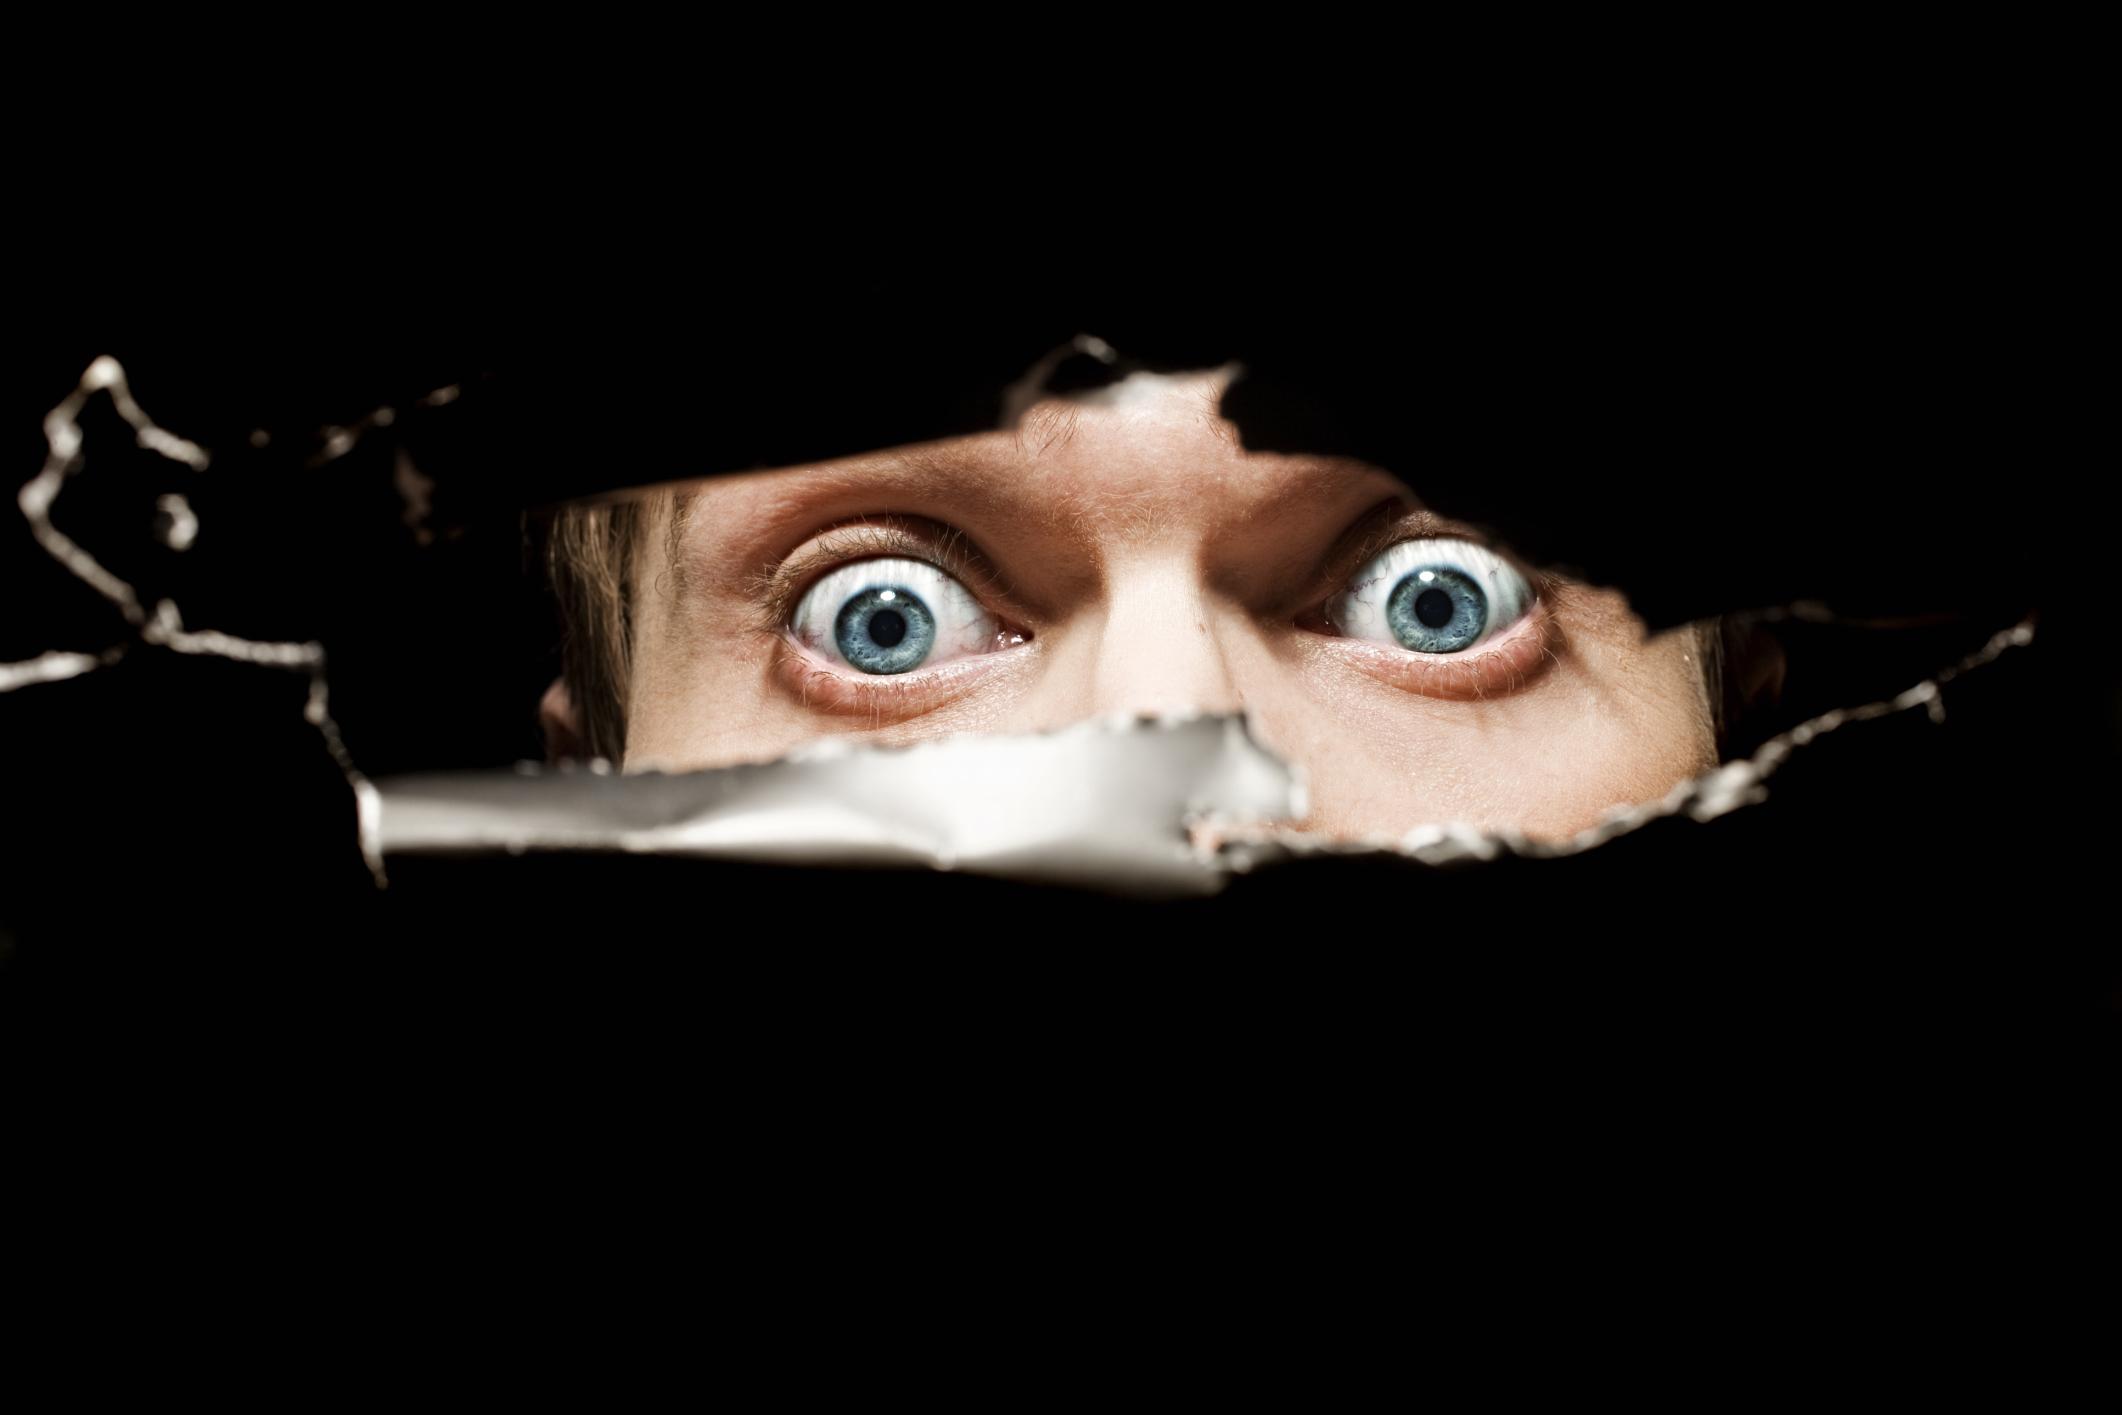 Zachovejte paniku! Proč je strach dobrý pomocník, ale špatný rádce